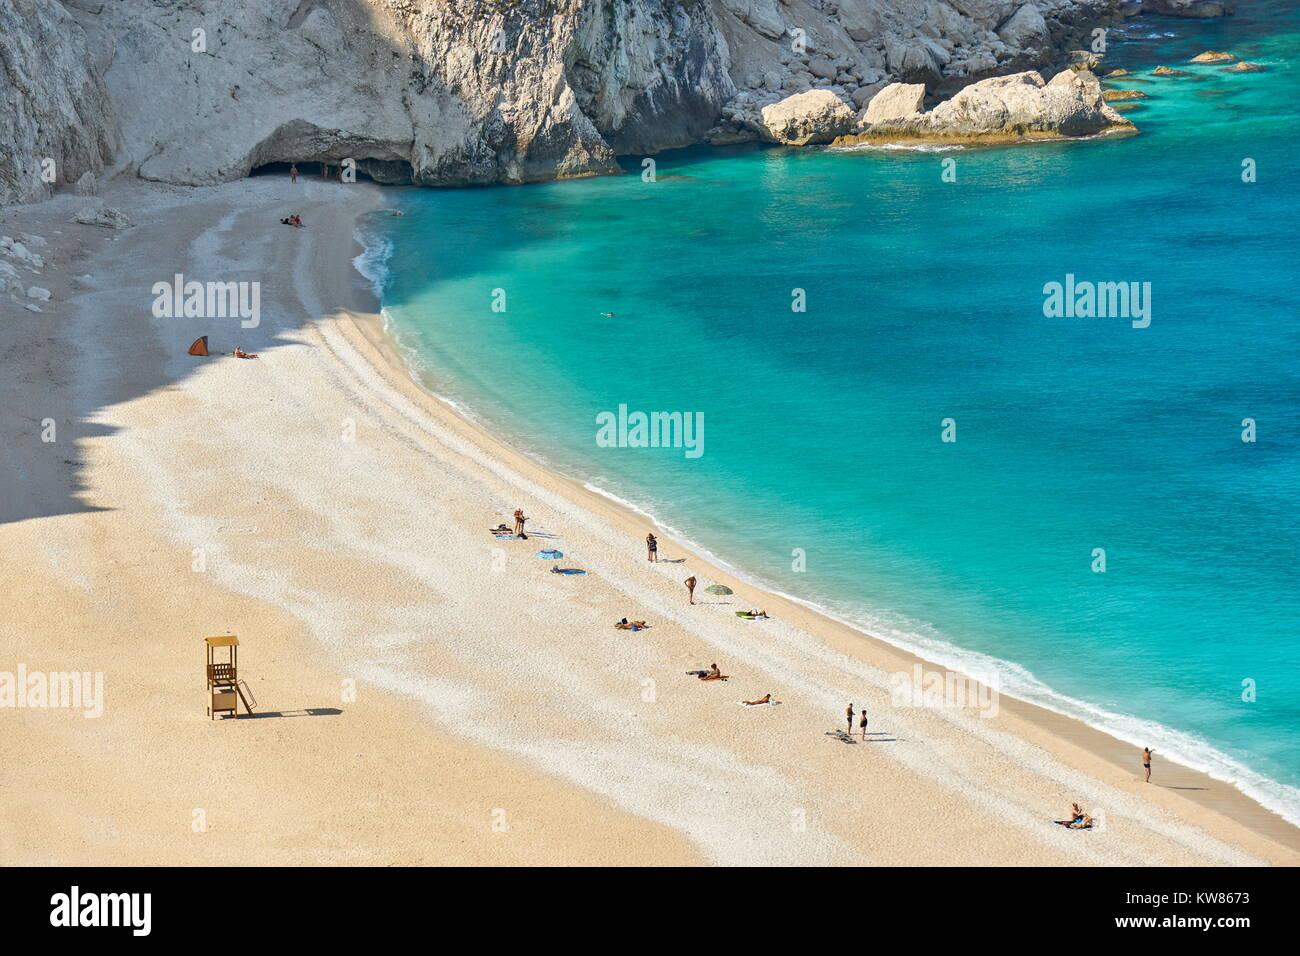 Plage de Myrtos, Céphalonie Céphalonie (Grèce), îles Ioniennes, Grèce Photo Stock